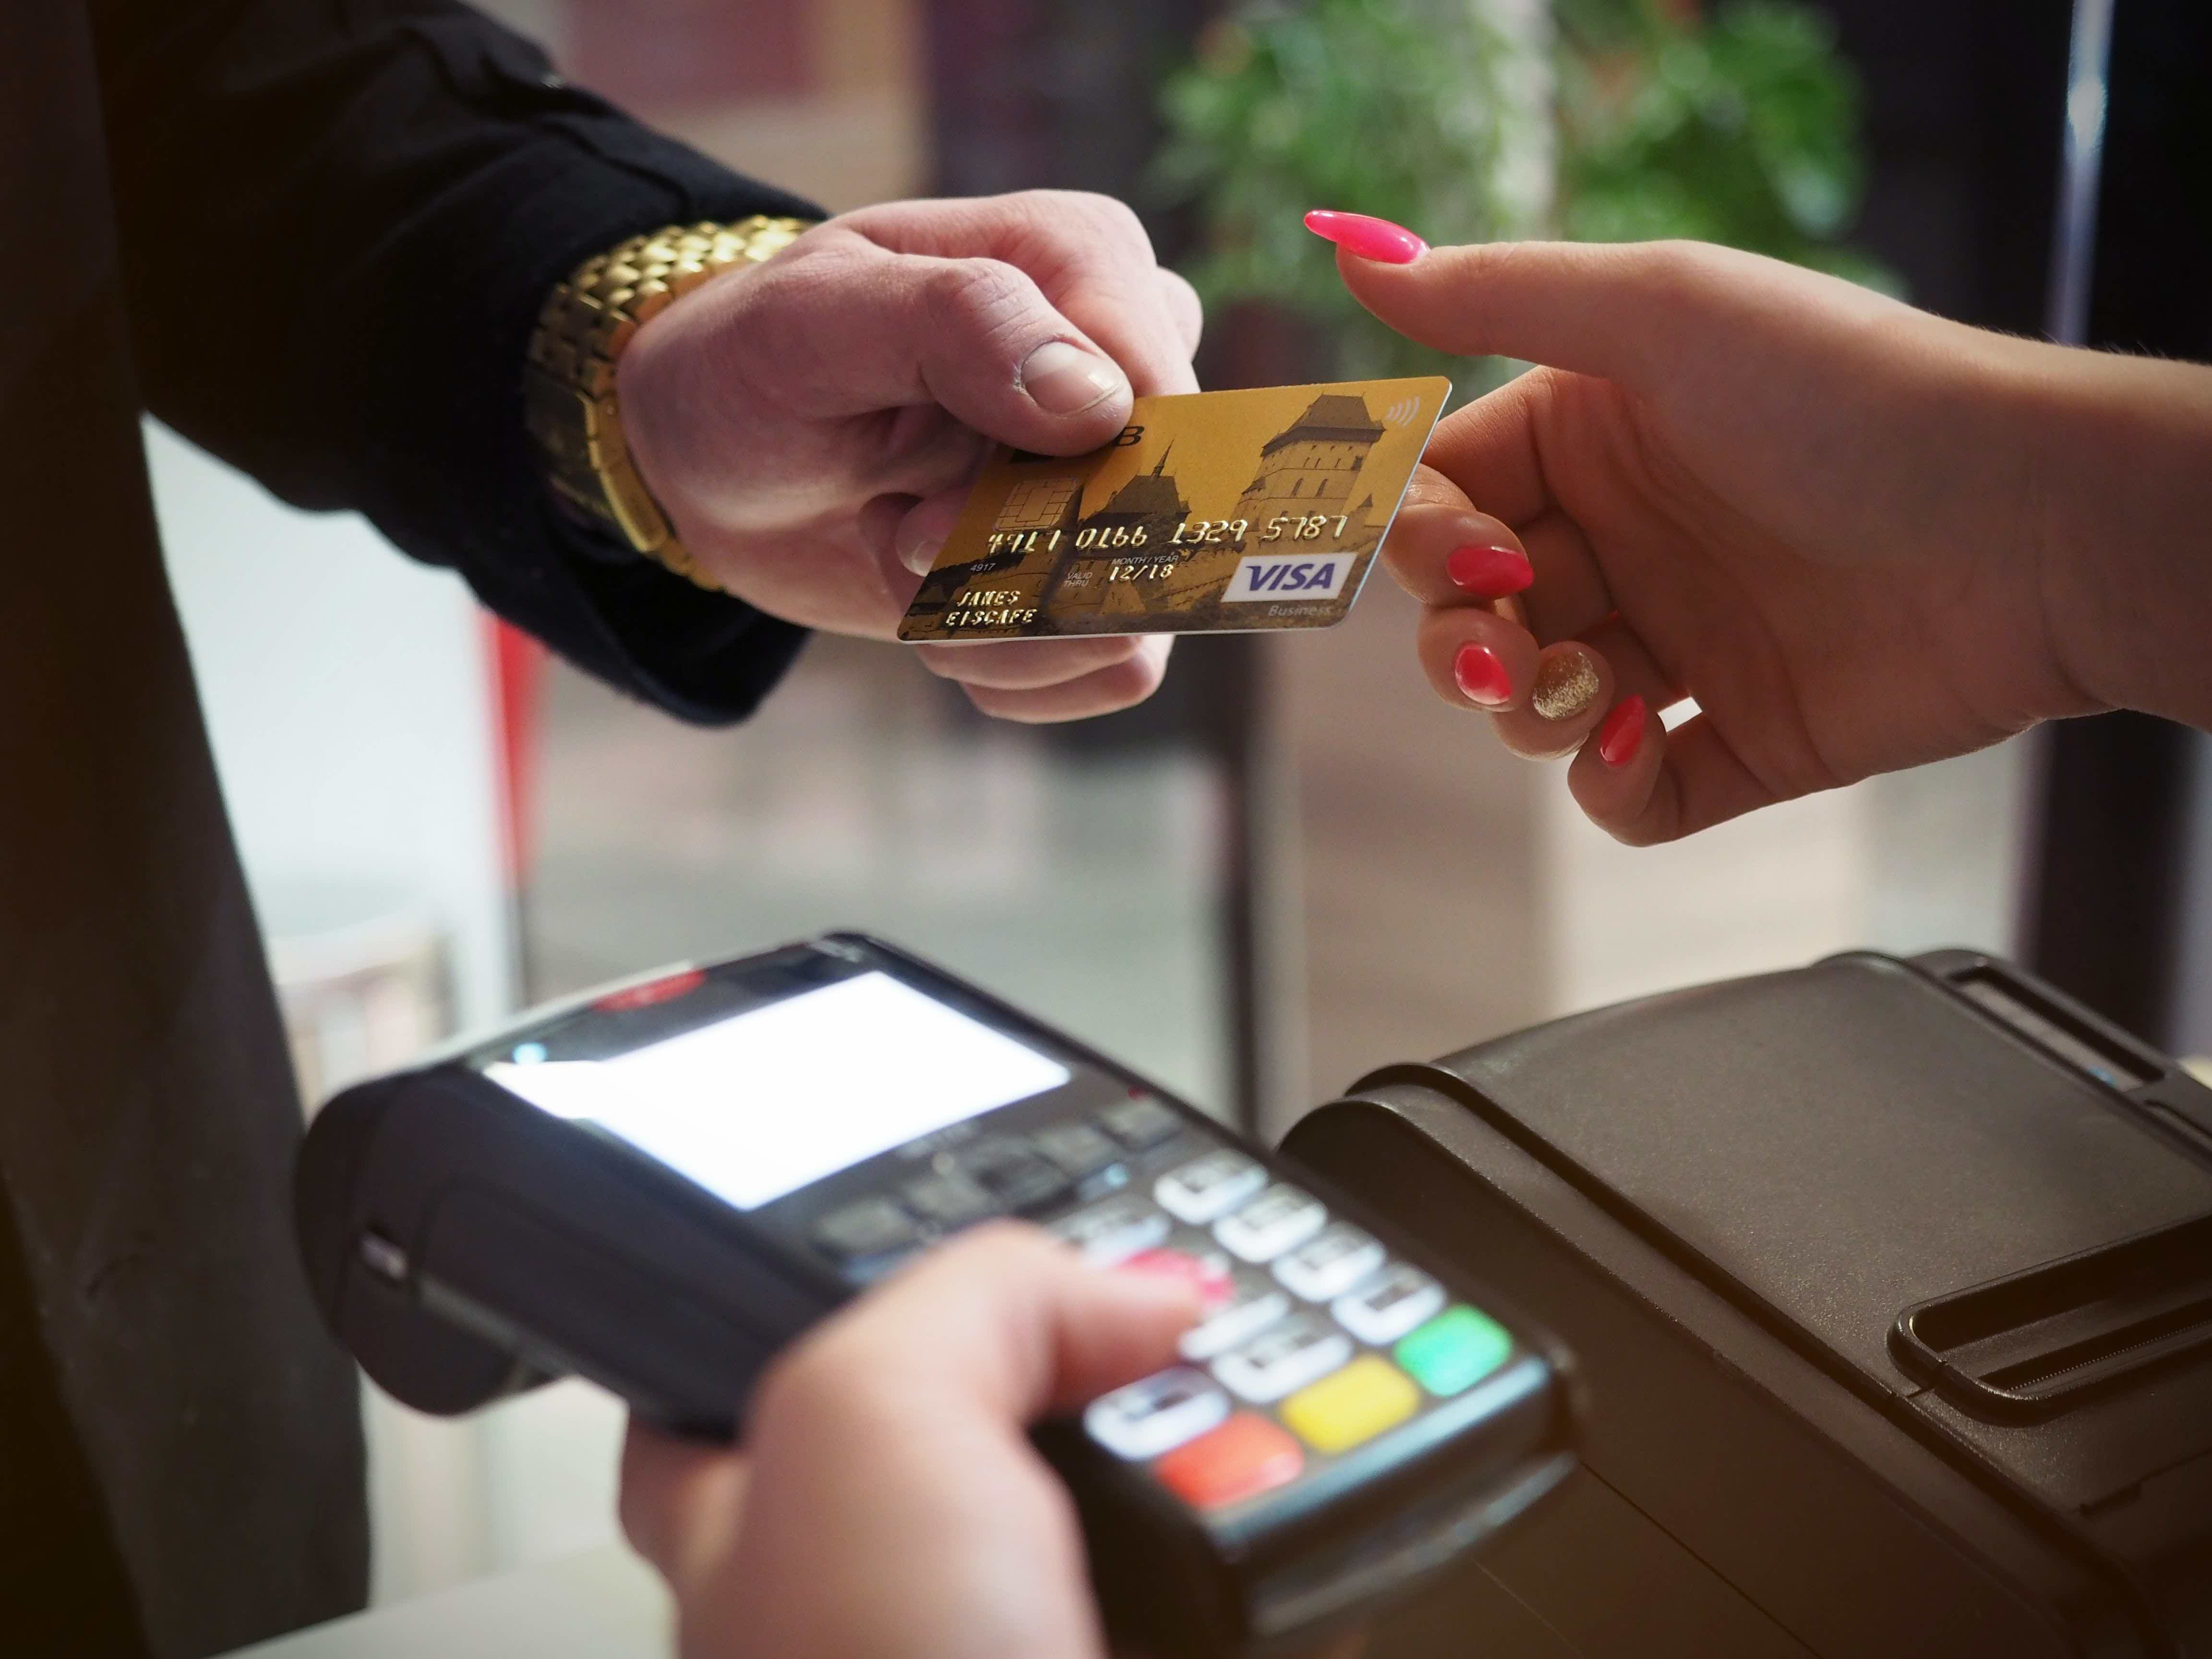 Quais as vantagens do cartão de crédito?